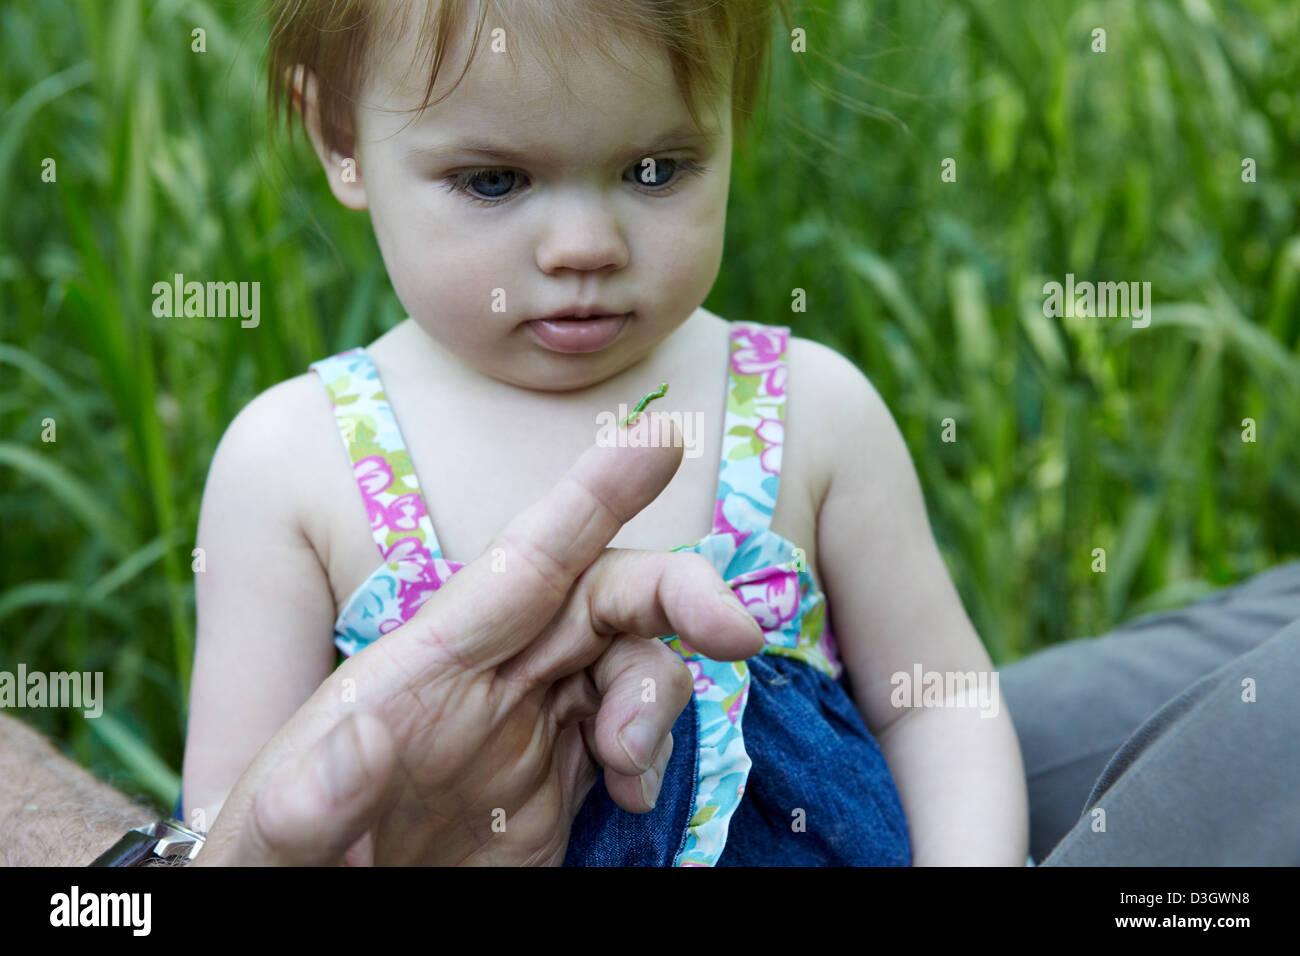 1 Jahr altes, ein Mädchen schaut grüne Raupe Stockbild